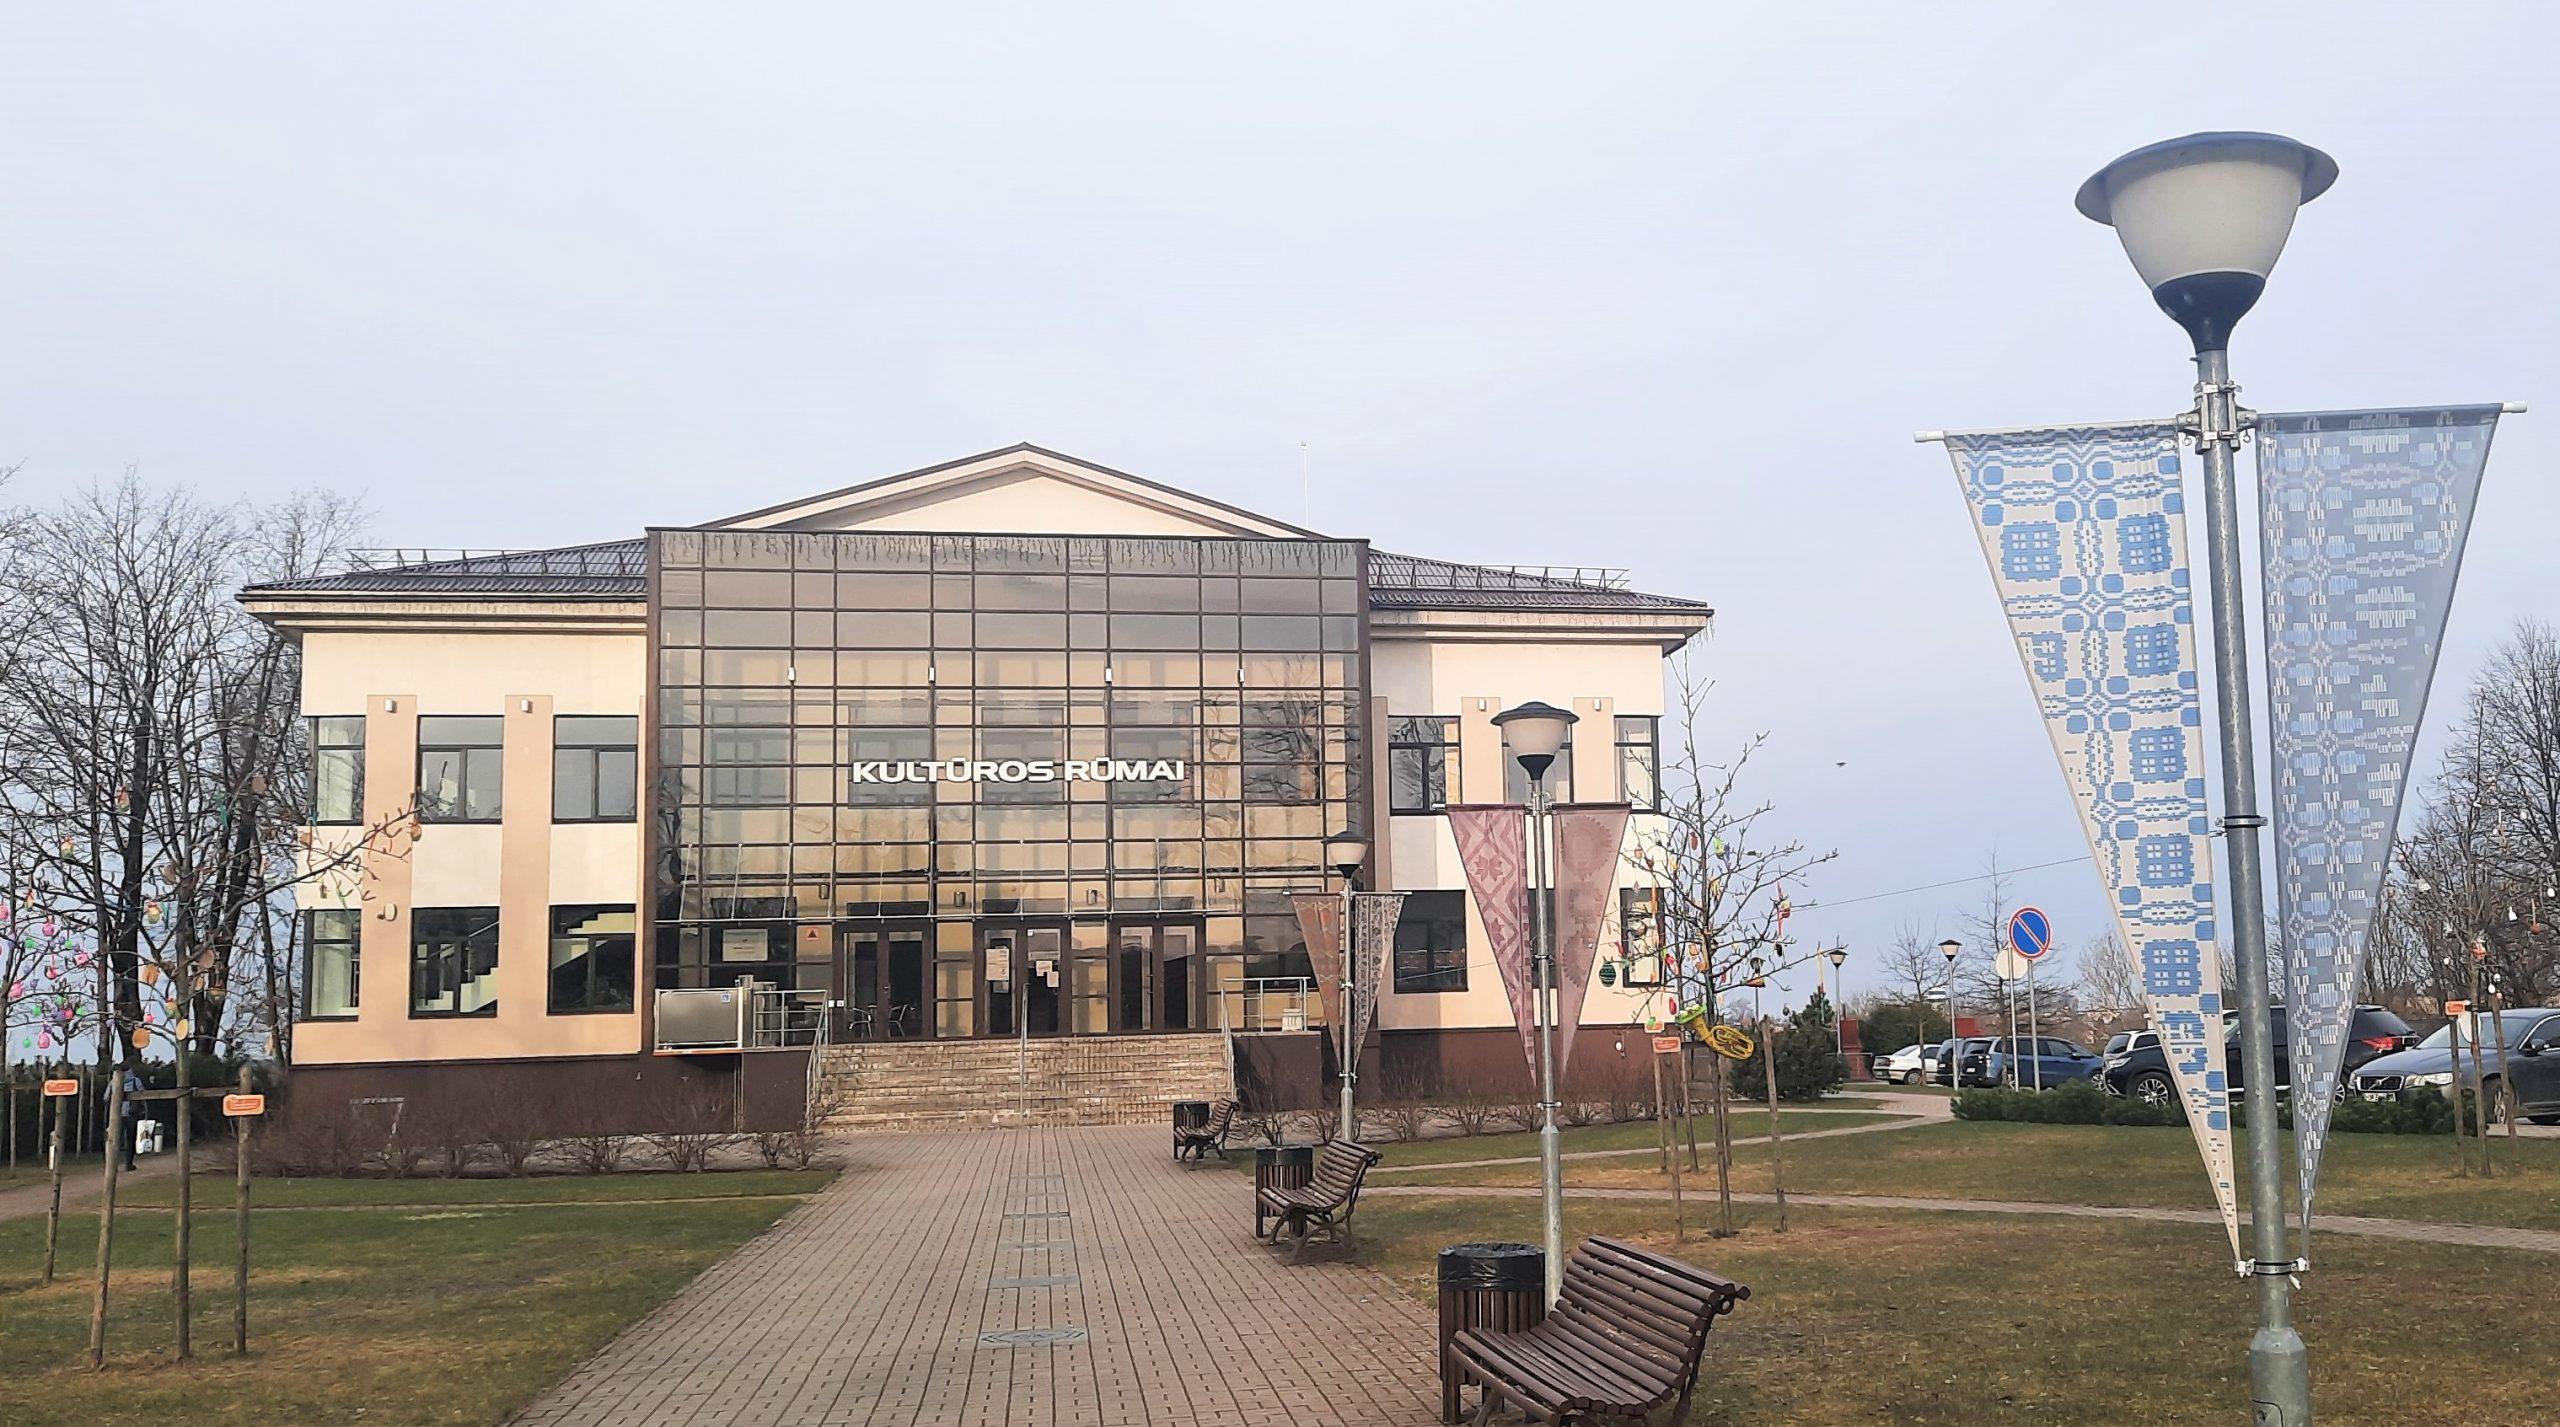 2021-04-12 Tauragės kultūros centro alėjoje – unikalios audinių parodos atspindžiai